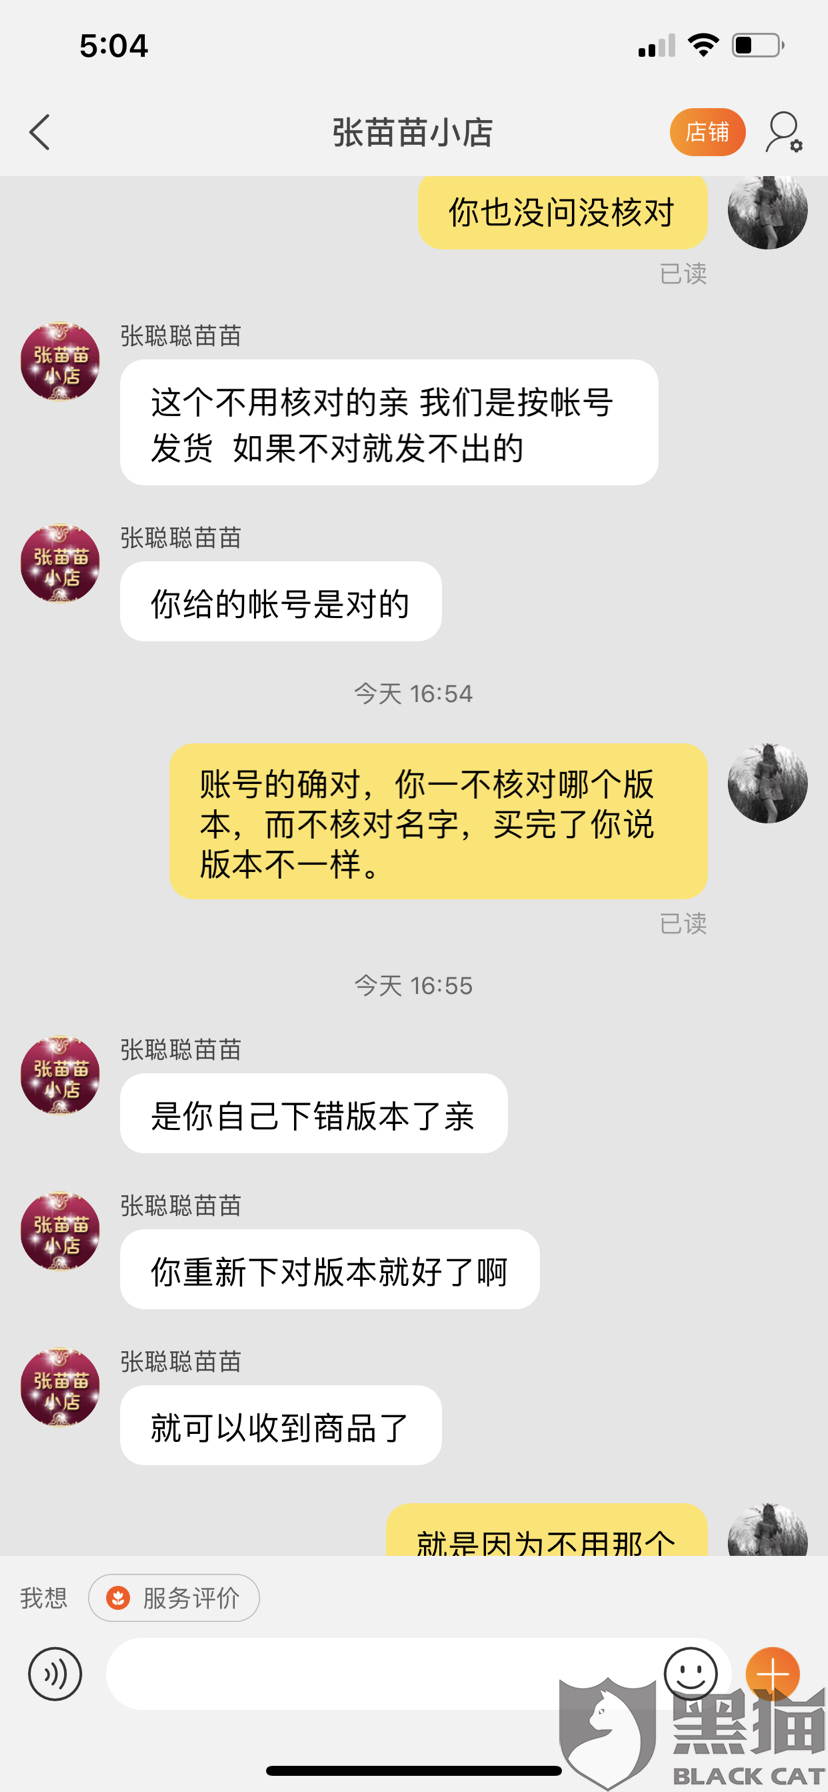 黑猫投诉:张苗苗小店发错货不予退款